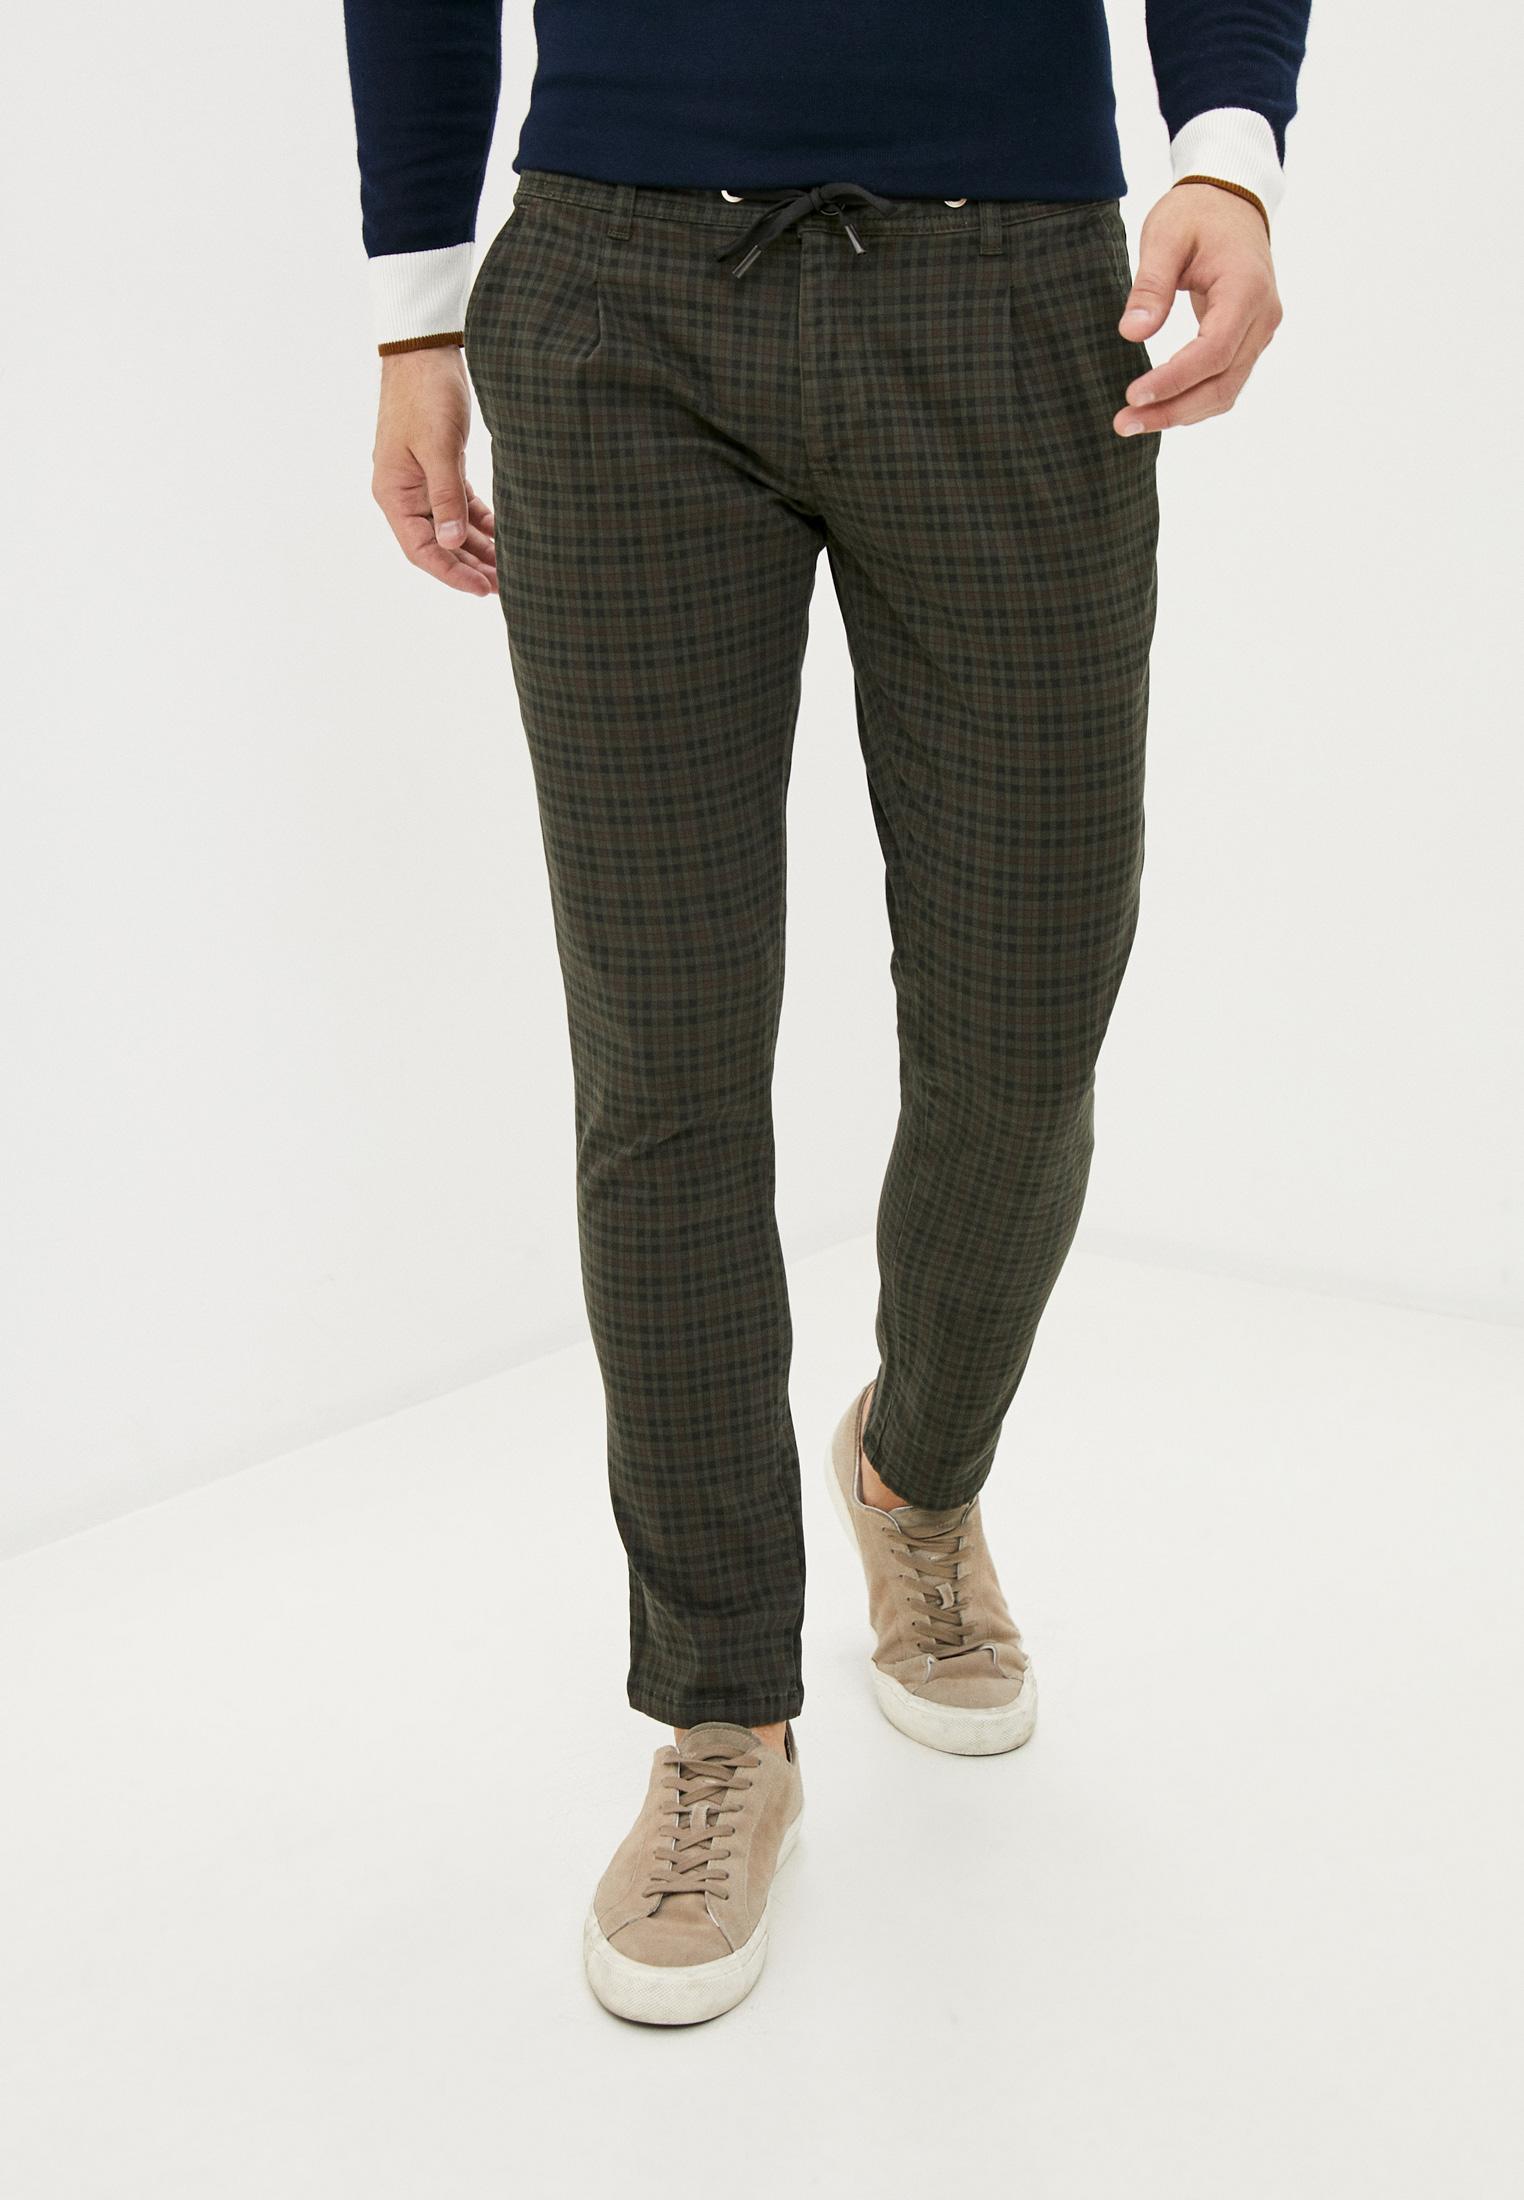 Мужские повседневные брюки Paul Martin's AI196386